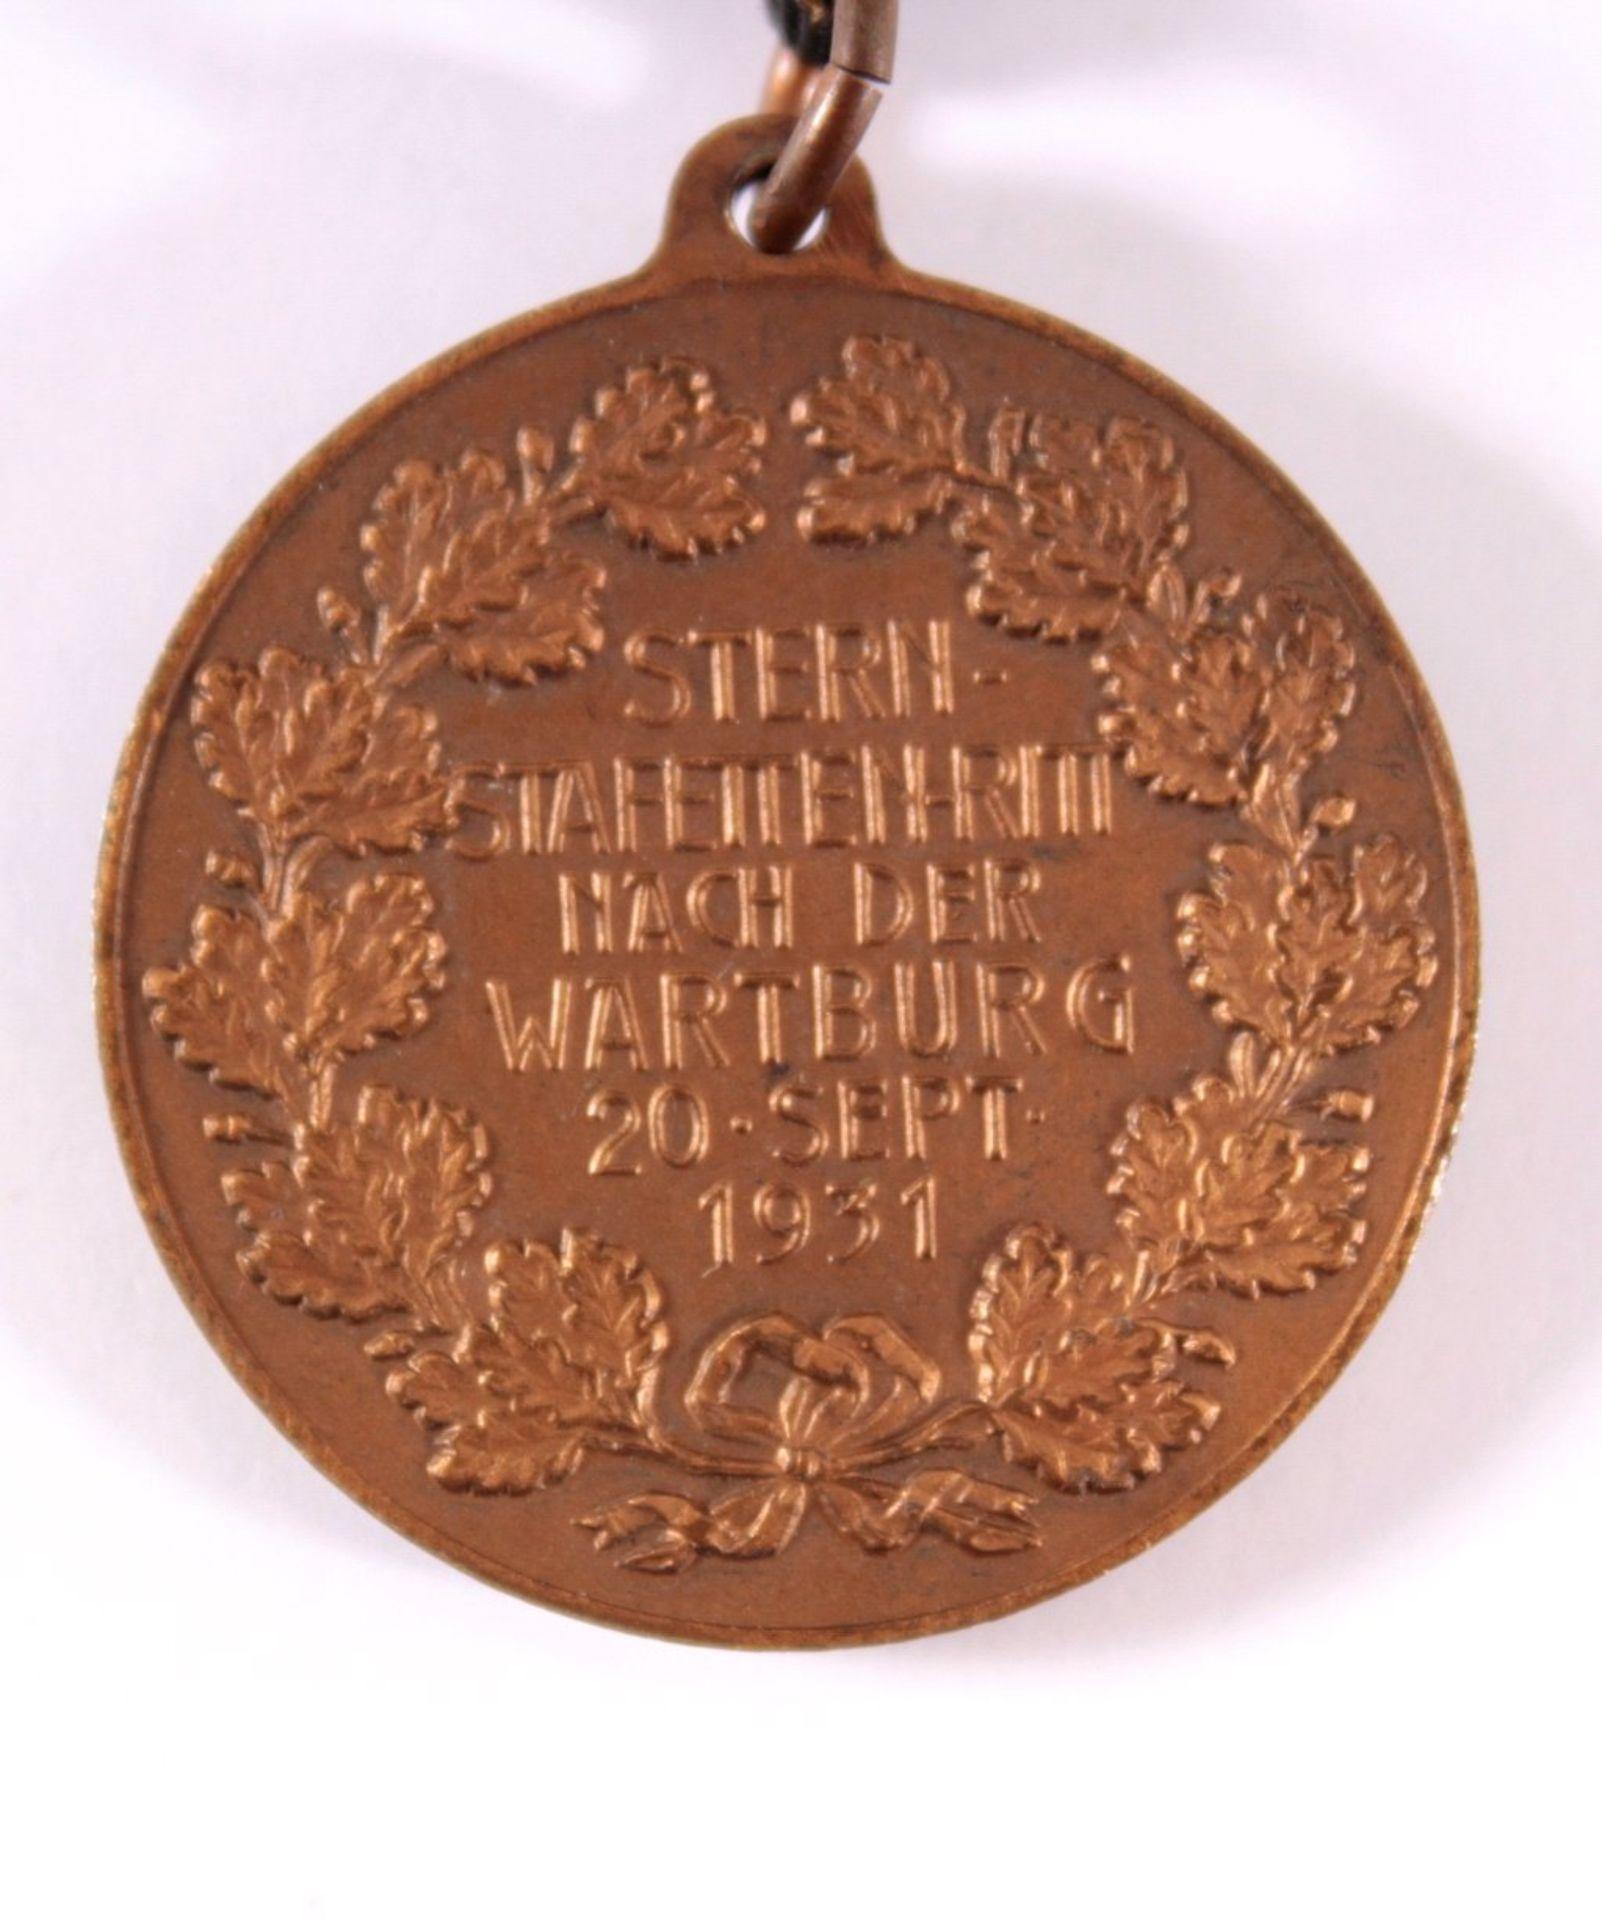 Medaille Stern Staffetten Ritt, Eisenach 1931VS: ohne Text, Motive: Wartburg und 4 Reiter im - Bild 3 aus 3